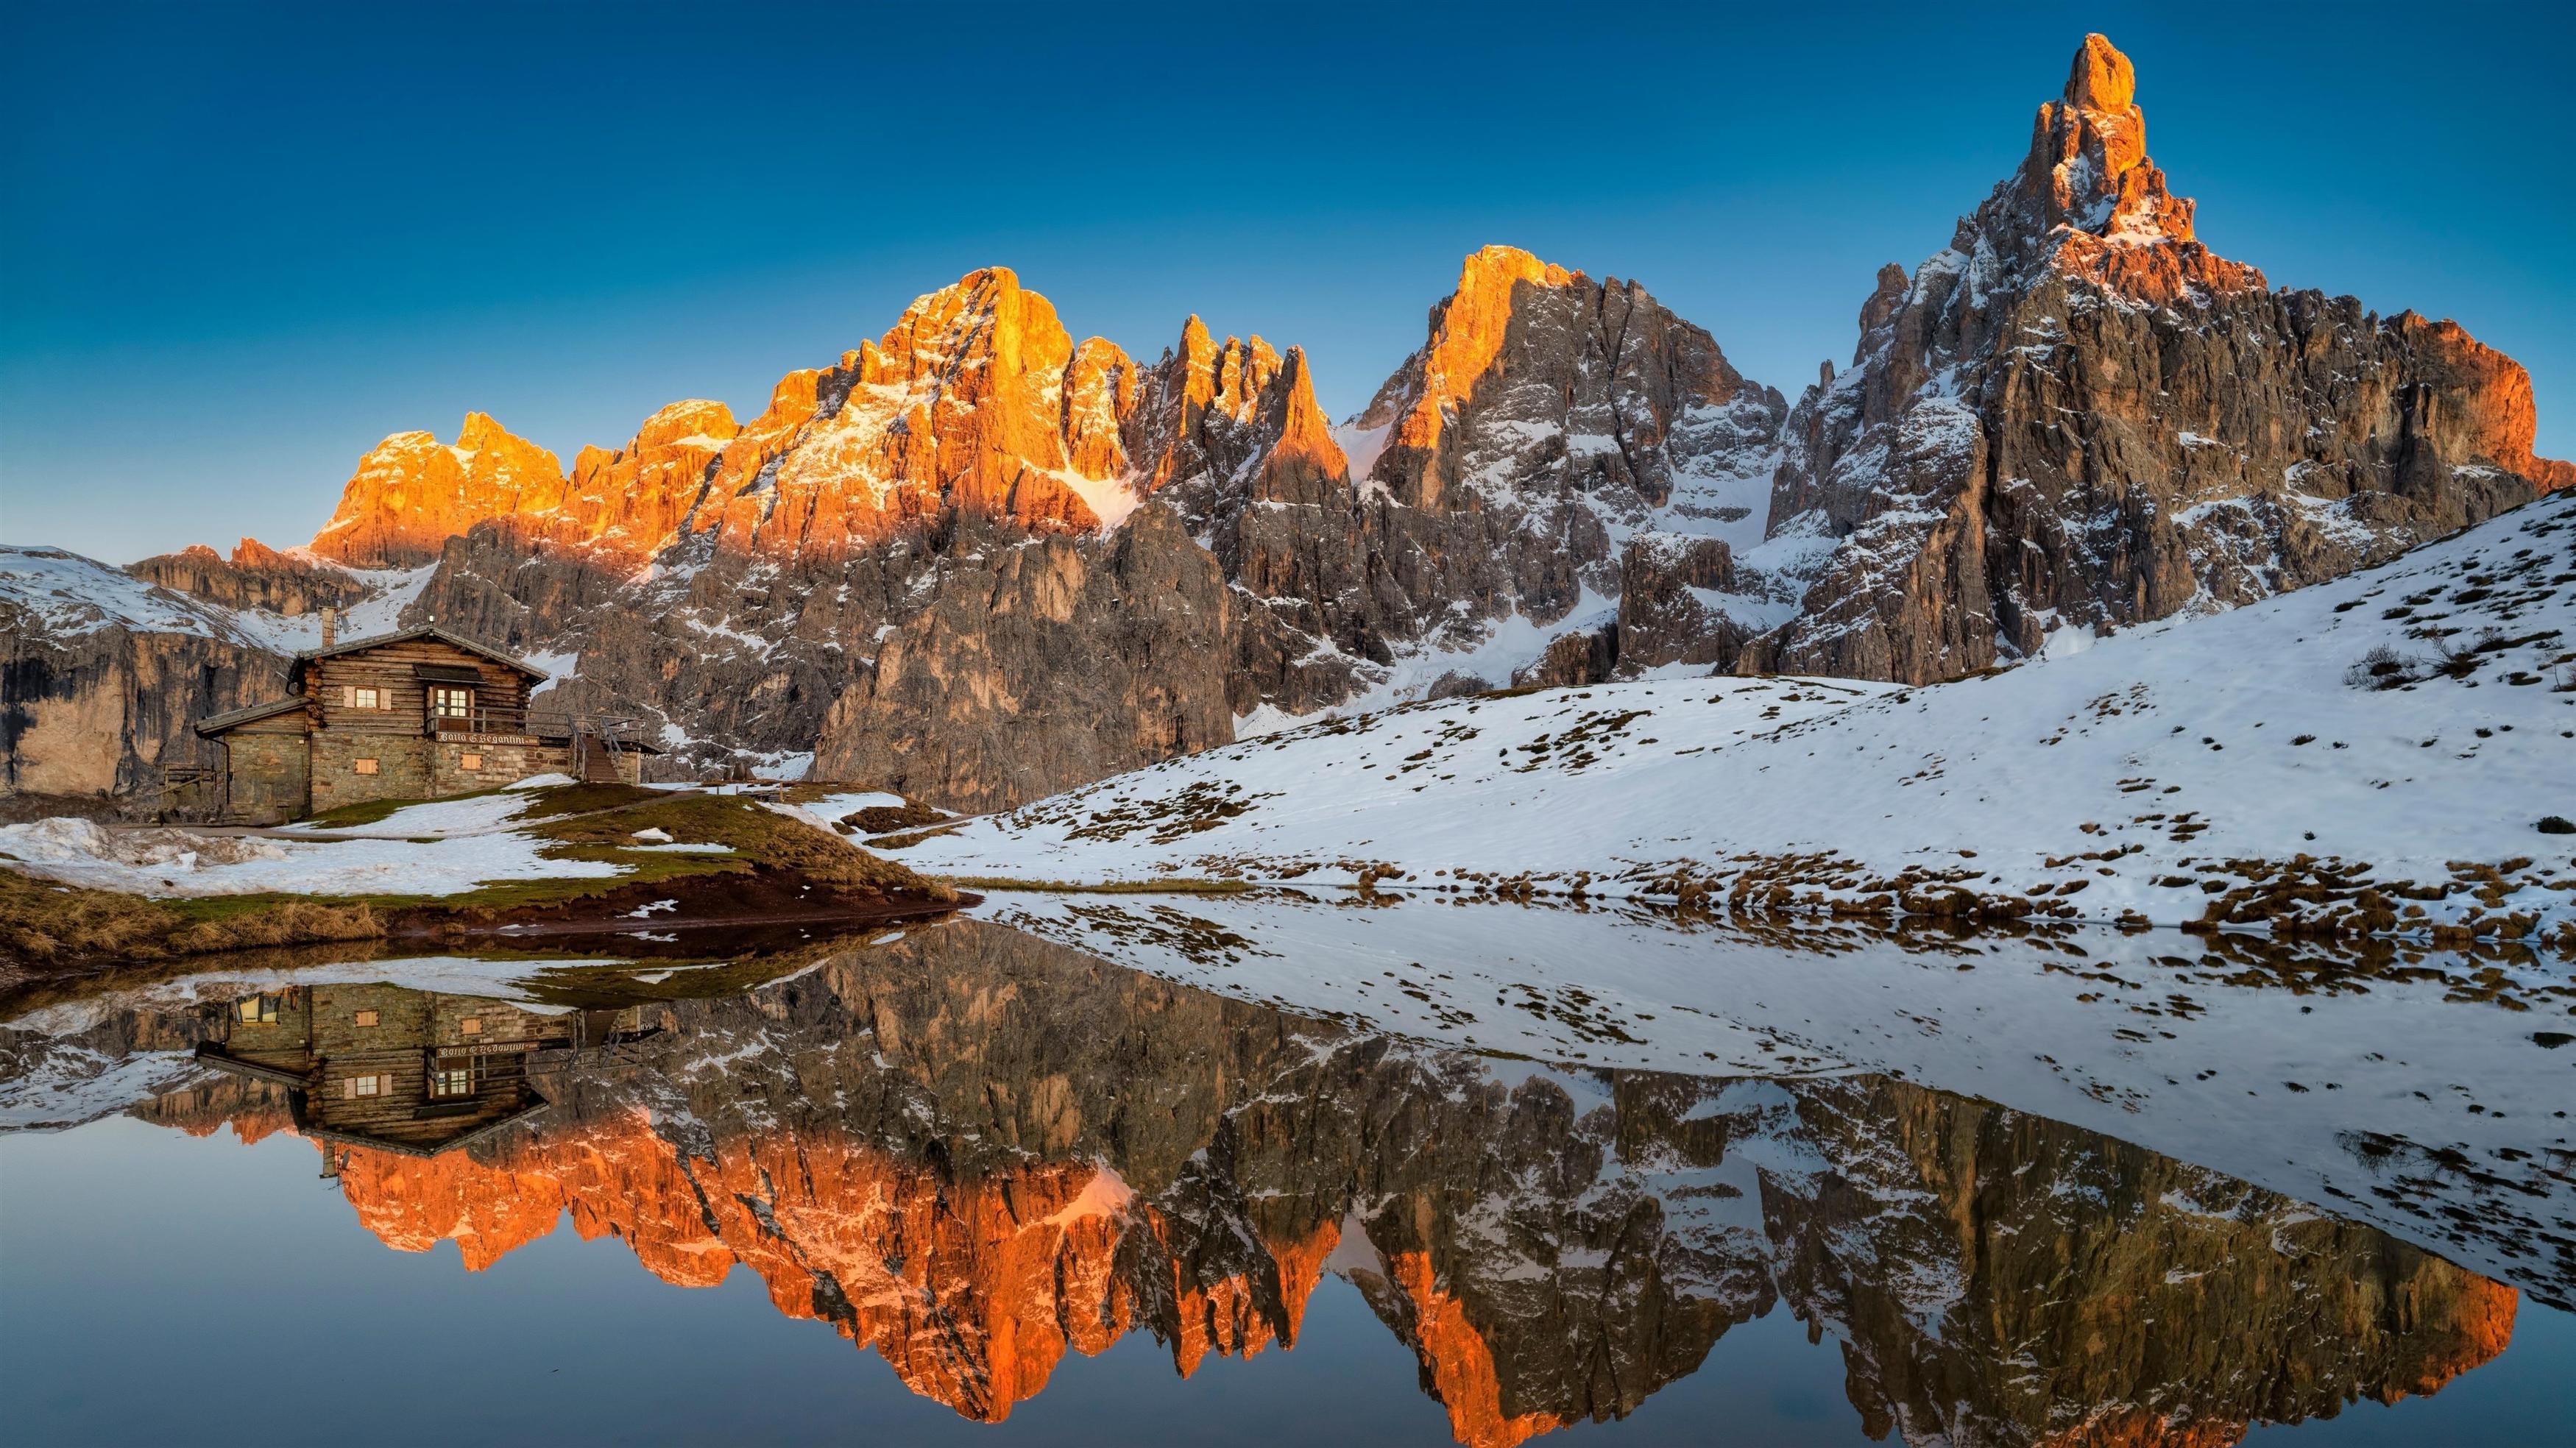 Заснеженная гора с отражением на воде солнечных лучей природа обои скачать